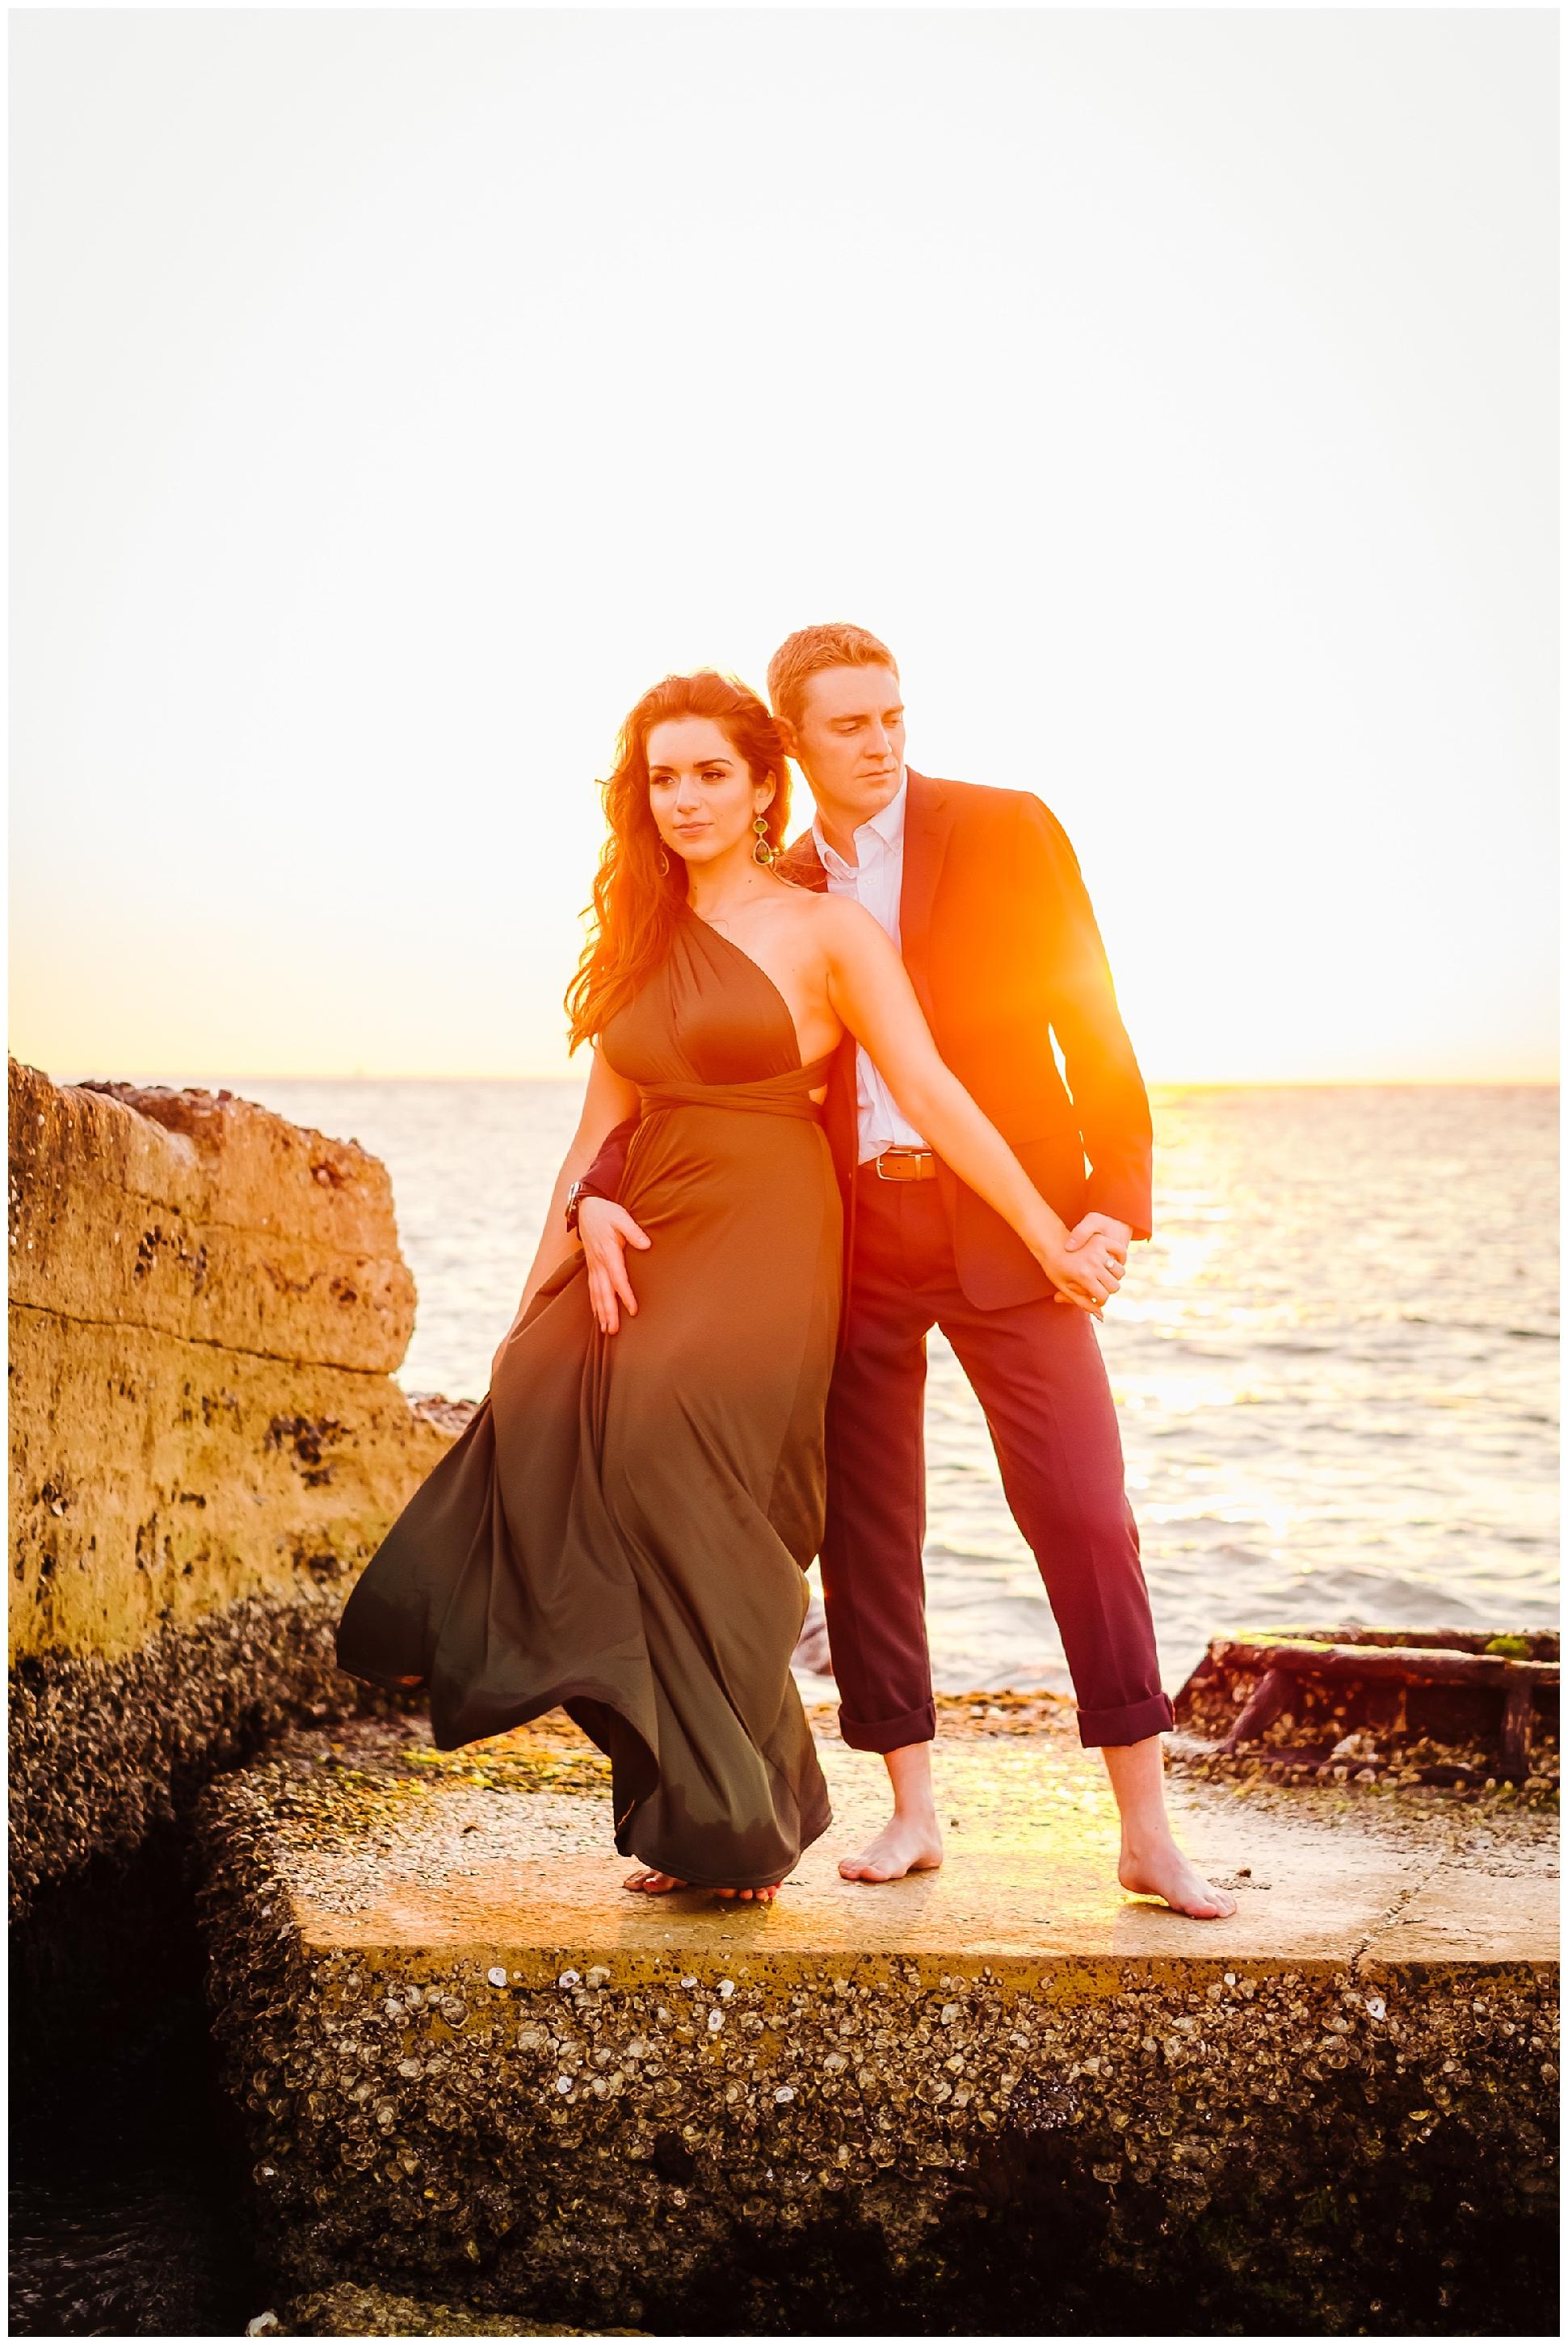 tampa-fort de soto-beach-green dress-water-love-engagement_0050.jpg